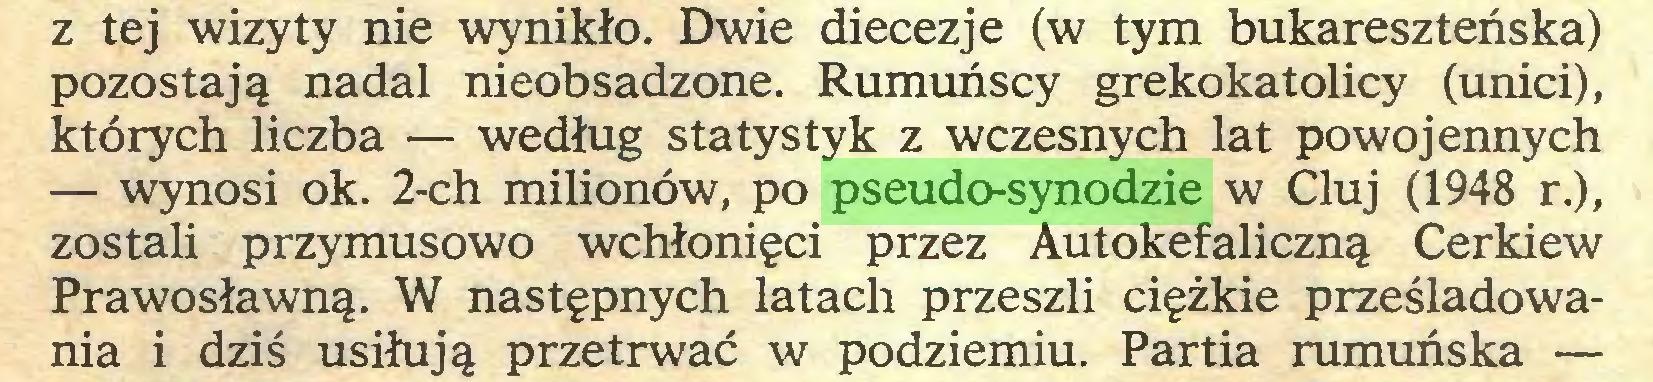 (...) z tej wizyty nie wynikło. Dwie diecezje (w tym bukareszteńska) pozostają nadal nieobsadzone. Rumuńscy grekokatolicy (unici), których liczba — według statystyk z wczesnych lat powojennych — wynosi ok. 2-ch milionów, po pseudo-synodzie w Cluj (1948 r.), zostali przymusowo wchłonięci przez Autokefaliczną Cerkiew Prawosławną. W następnych latach przeszli ciężkie prześladowania i dziś usiłują przetrwać w podziemiu. Partia rumuńska —...